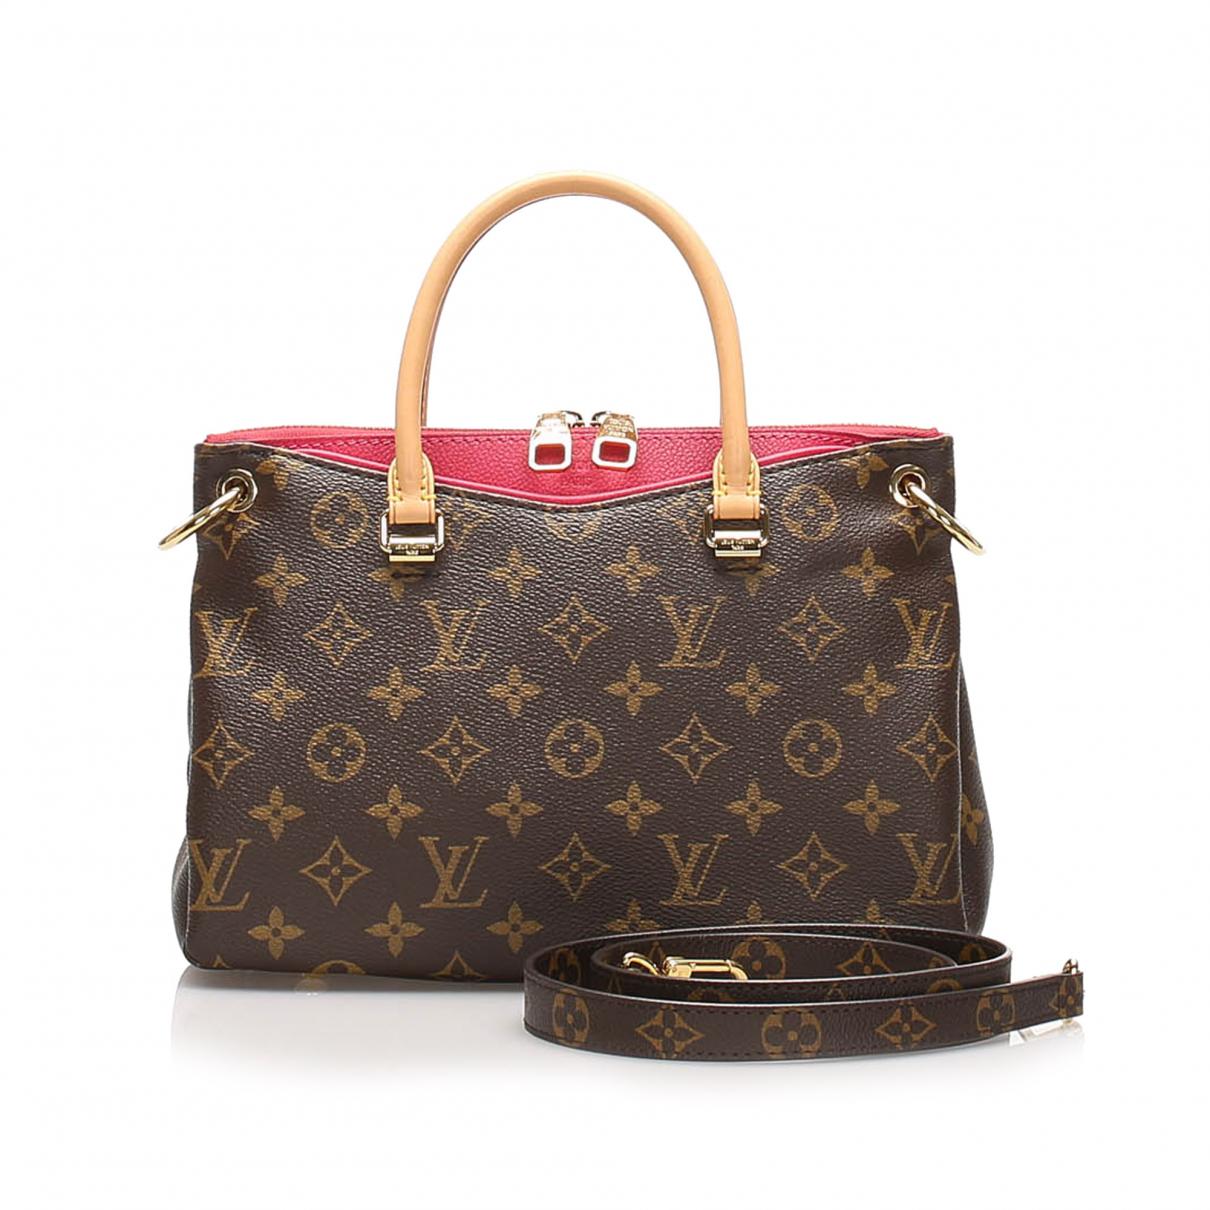 Louis Vuitton - Sac a main Pallas pour femme en toile - marron